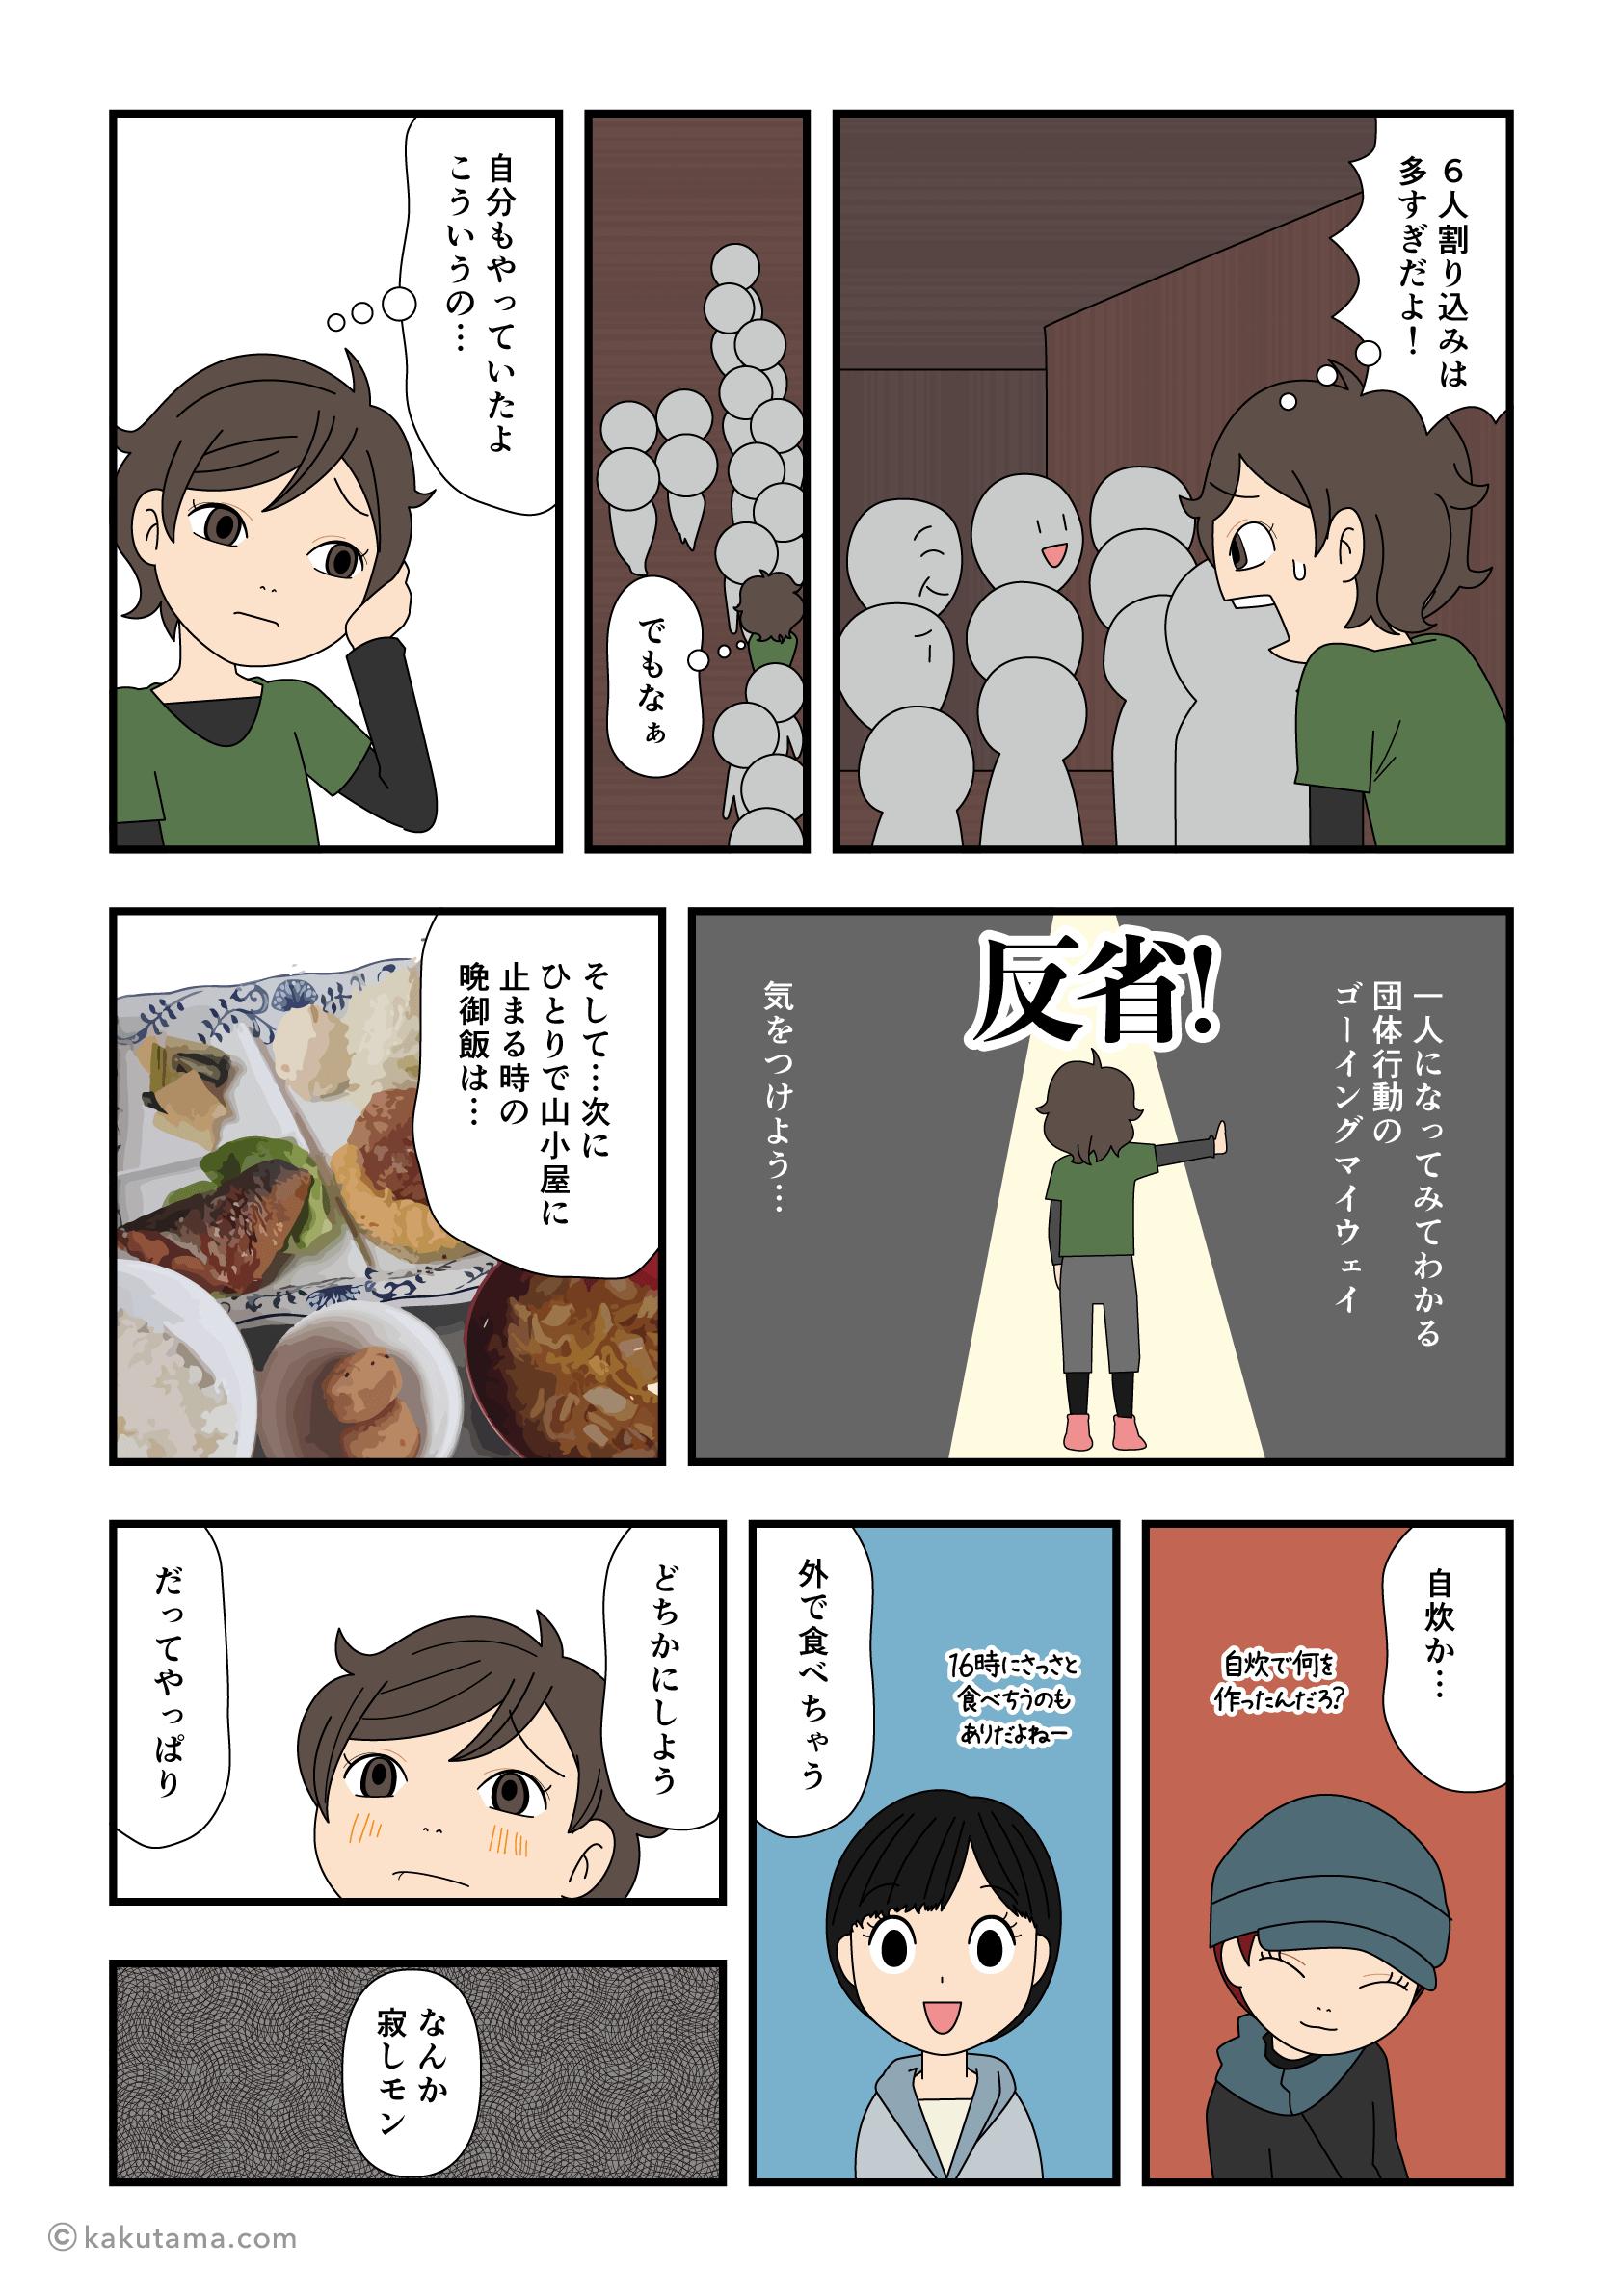 山小屋の晩御飯の列に並ぶ漫画3